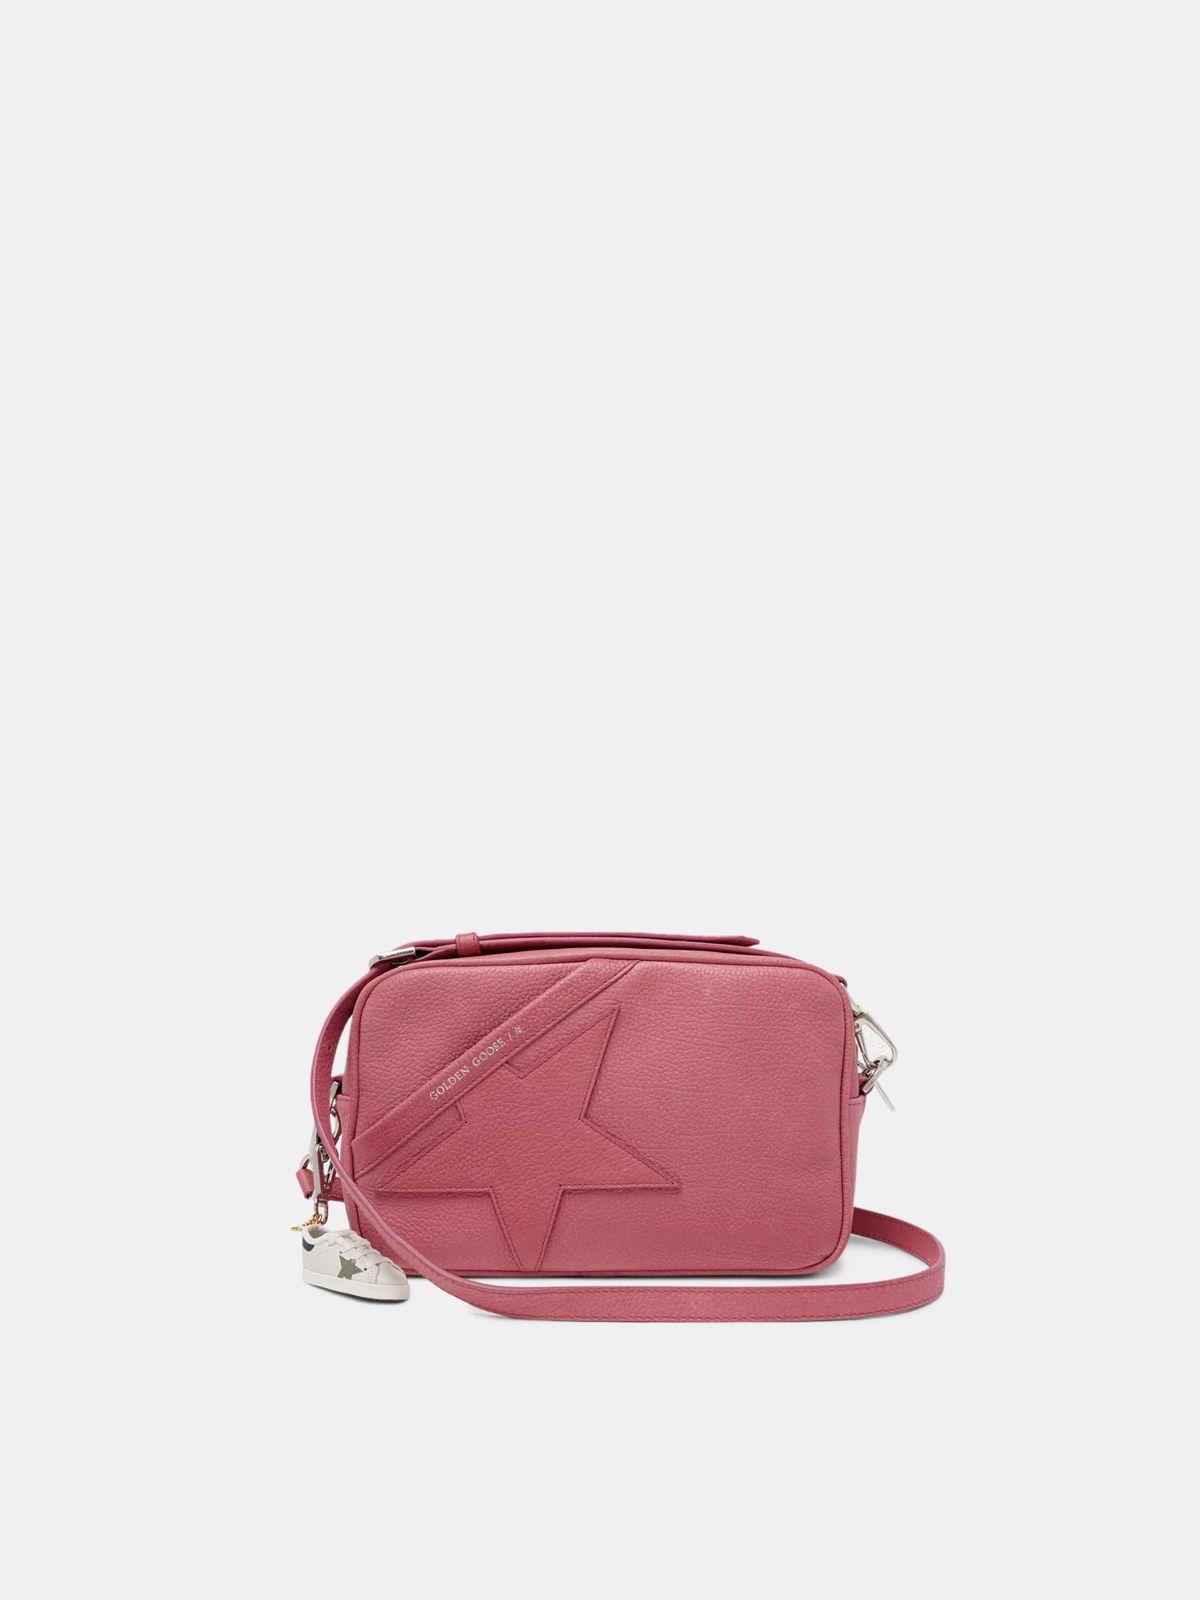 Borsa Star Bag rosa a tracolla in pelle granata